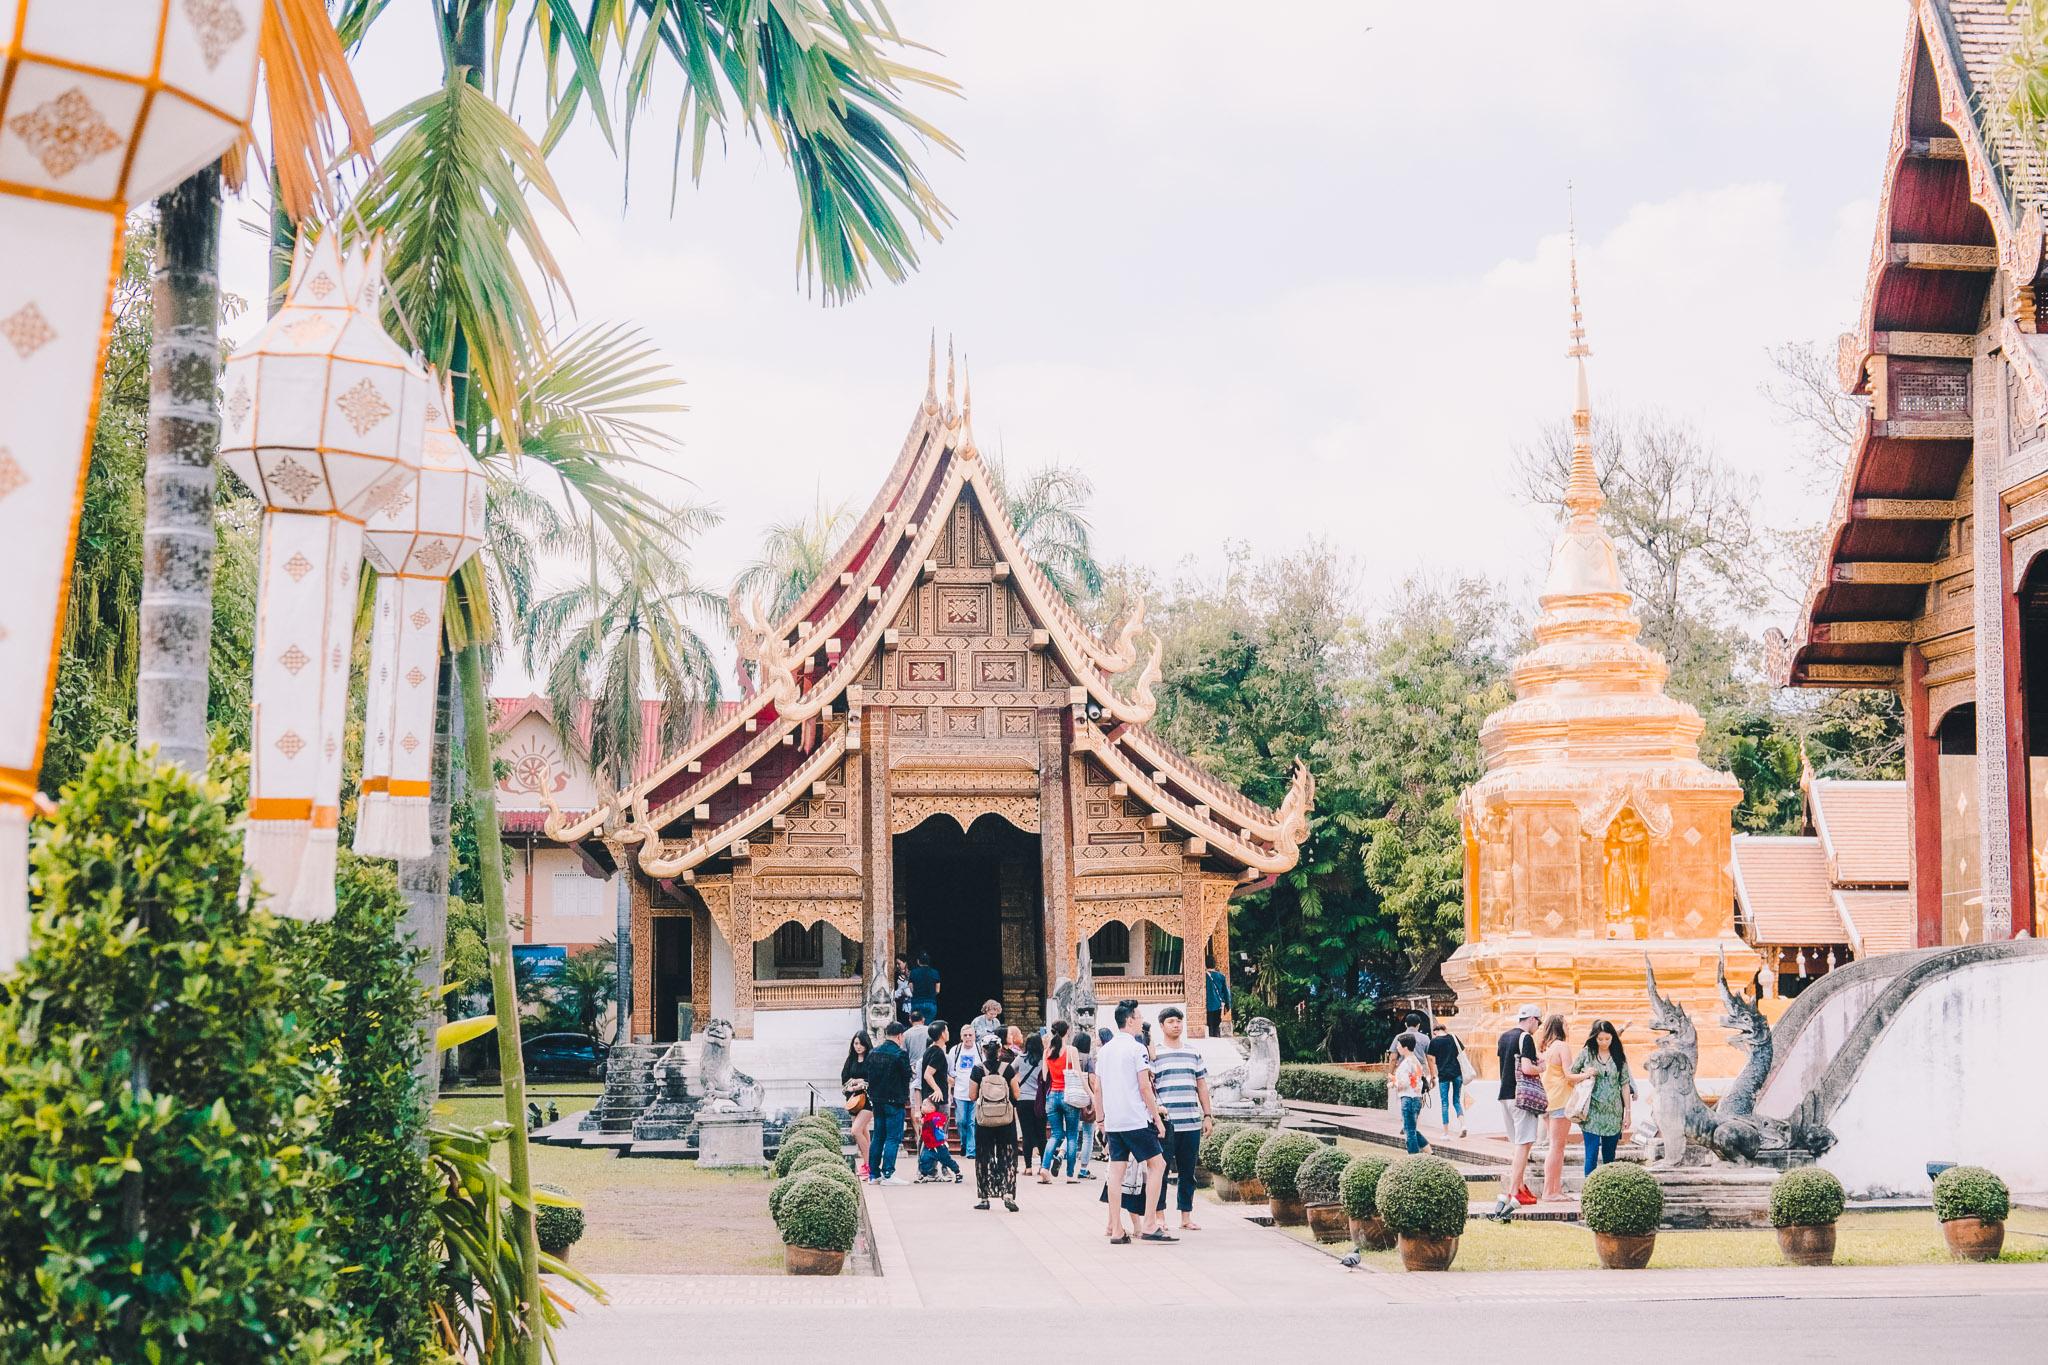 thailand-chiang-mai-5.jpg